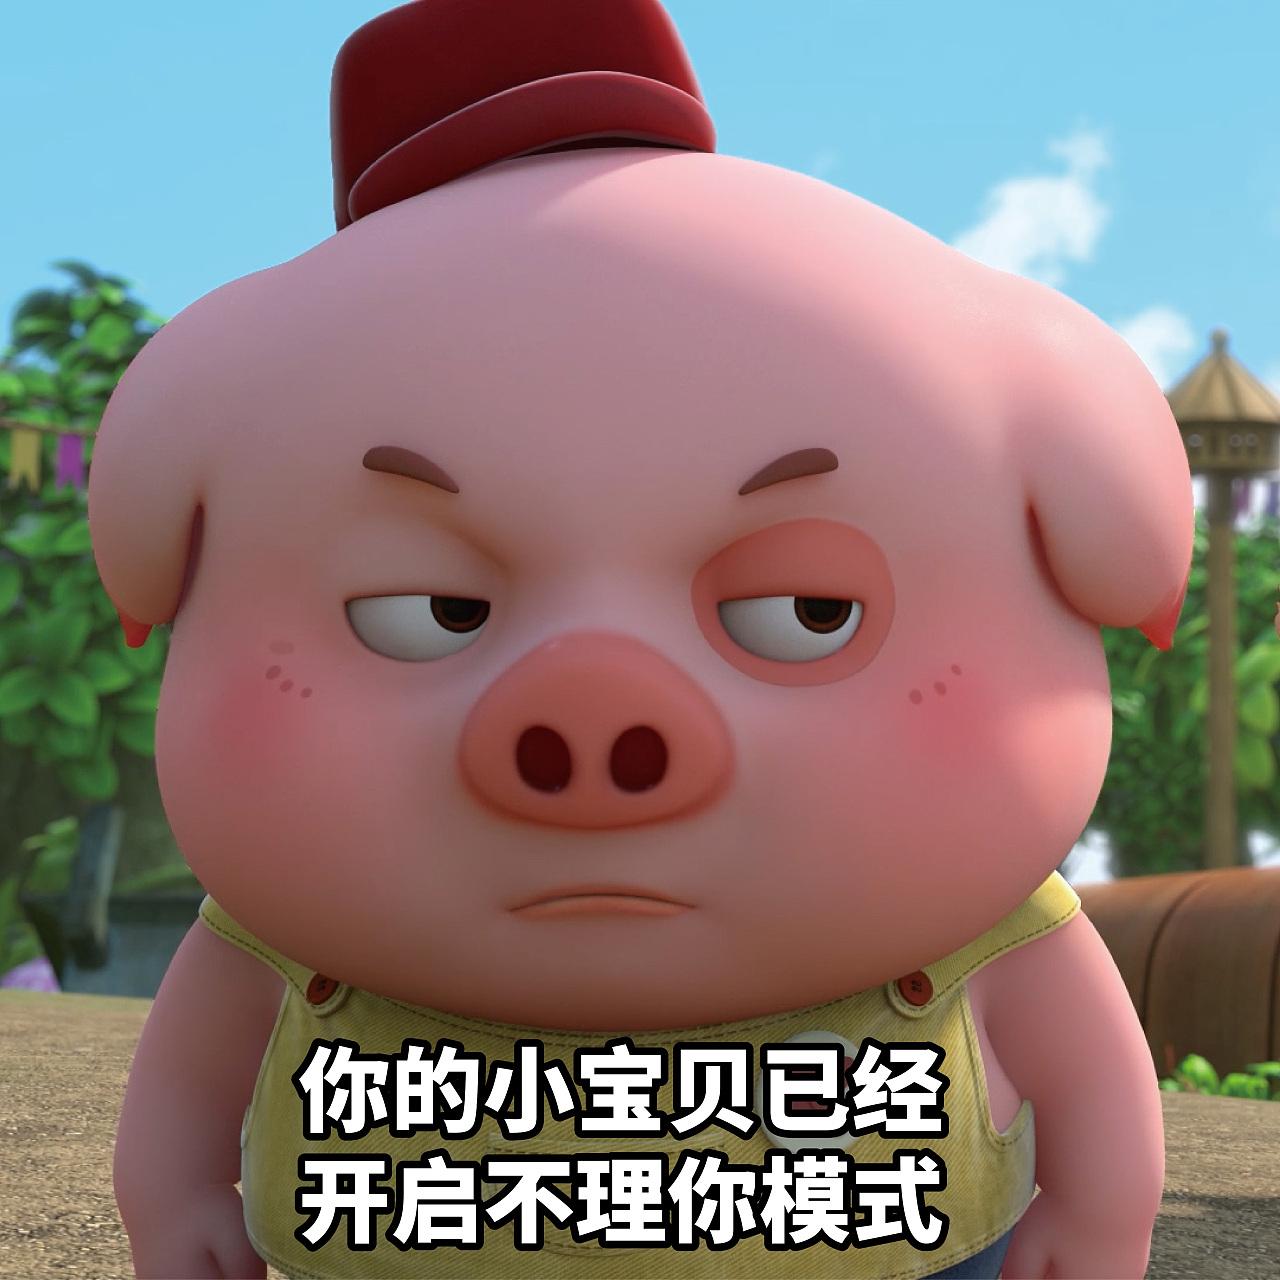 豆豆猪信息:你小表情已遵命你表情,请点赞获拒收宝贝包图片